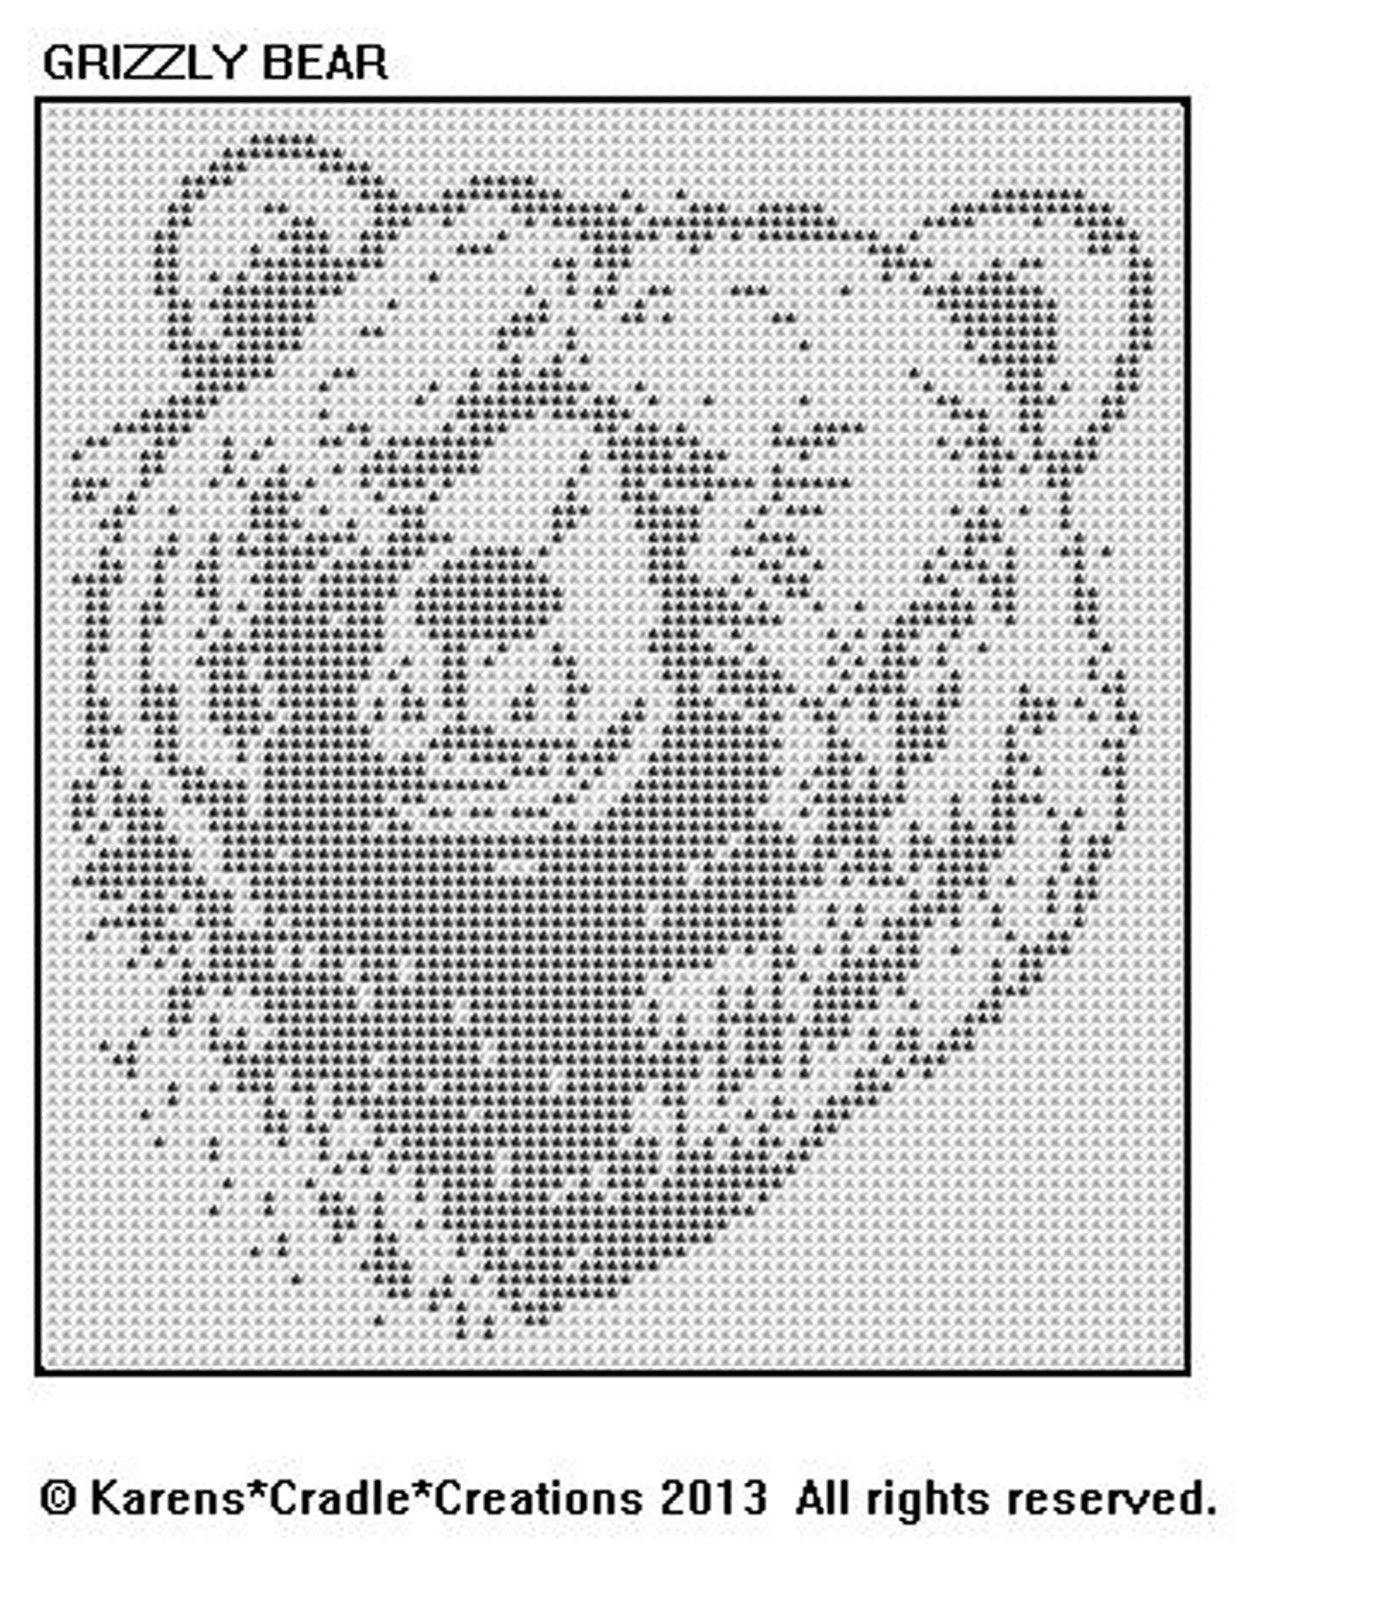 GRIZZLY BEAR Filet Crochet Pattern | crocheted doilies | Pinterest ...